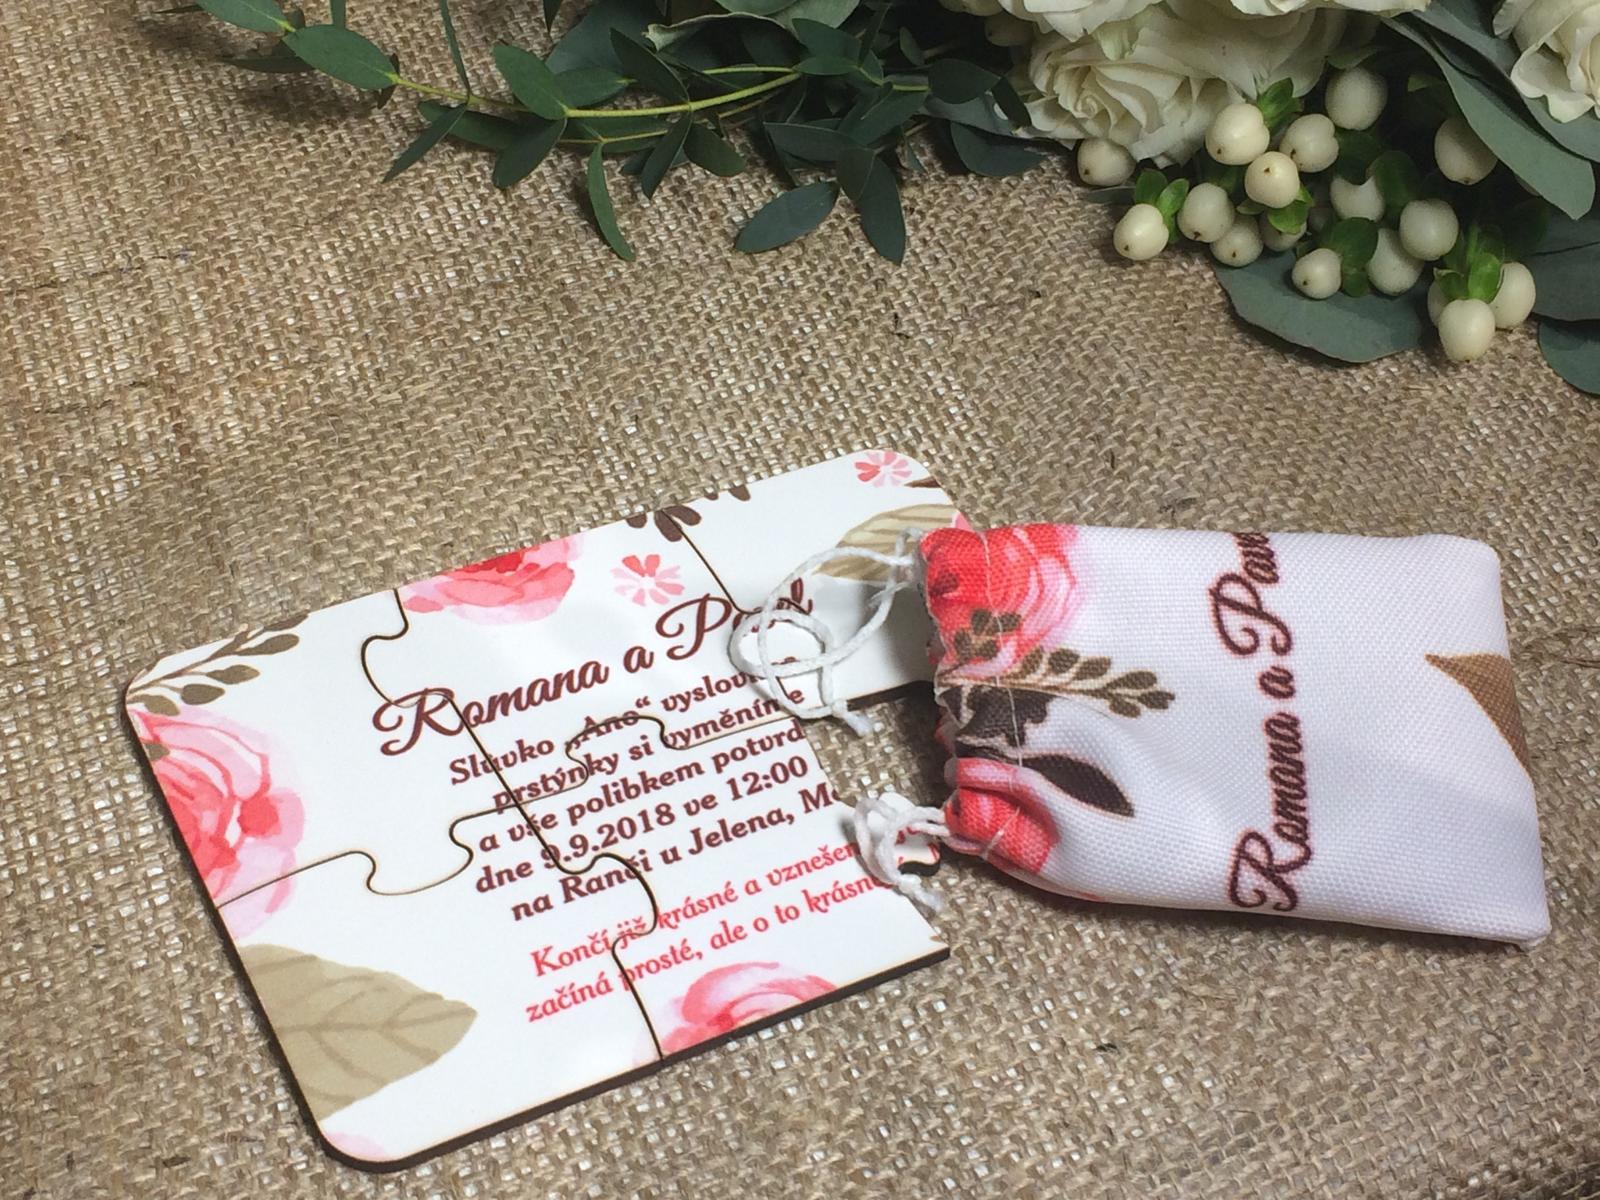 Svatební oznámení na míru přímo Vám :-) - svatební oznámení ve formě pevných puzzlíků v pytlíčku s potiskem, jedinečný nápad z www.slavnostnichvile.cz, motiv na přání